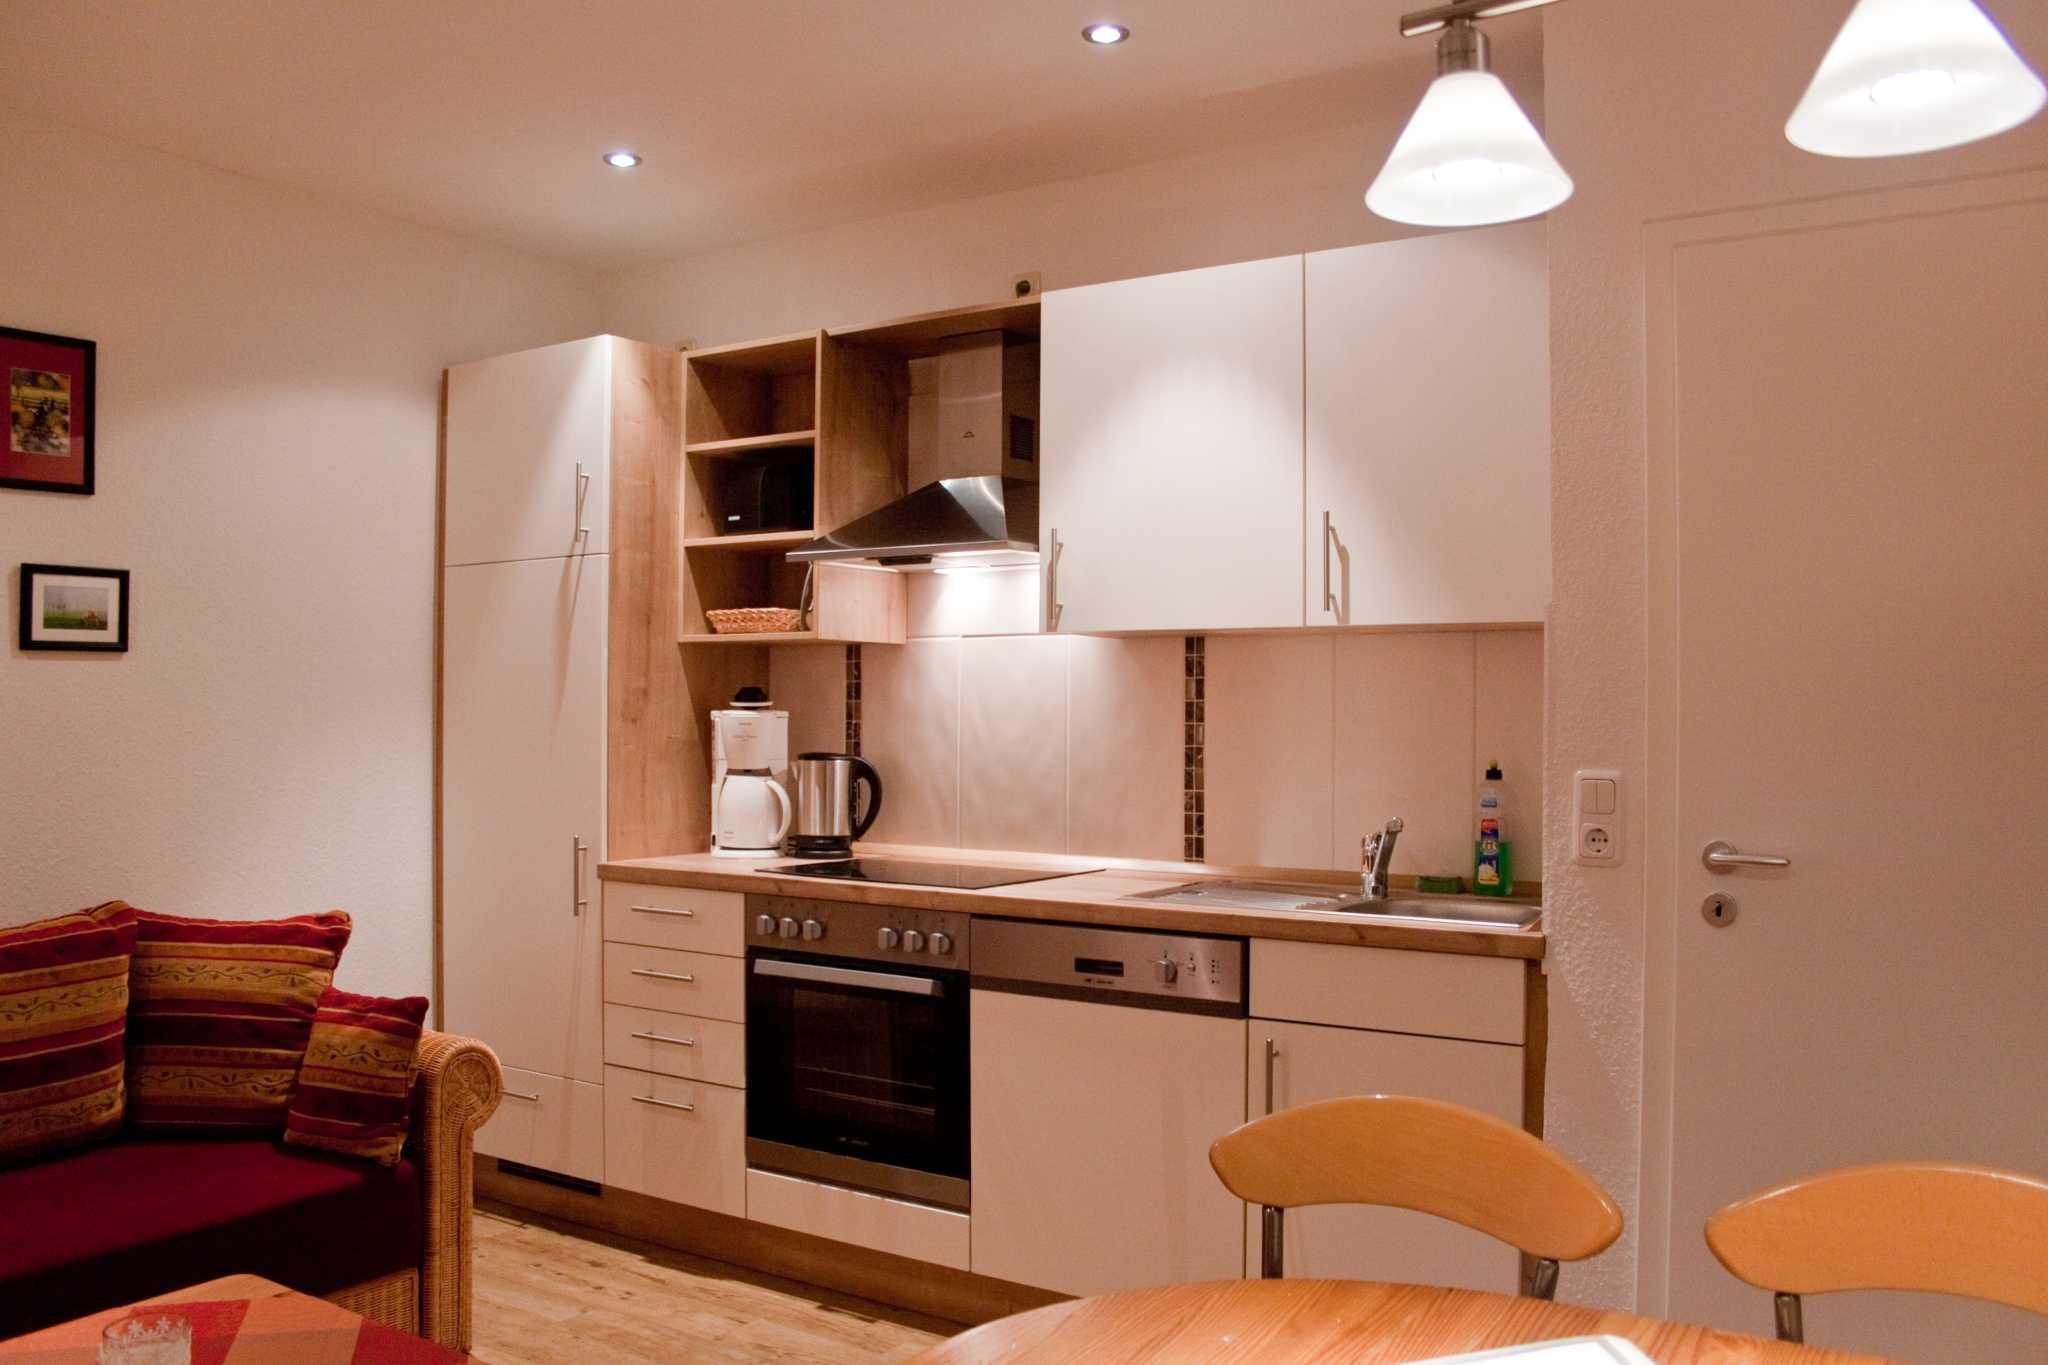 Küche & Wohnbereich